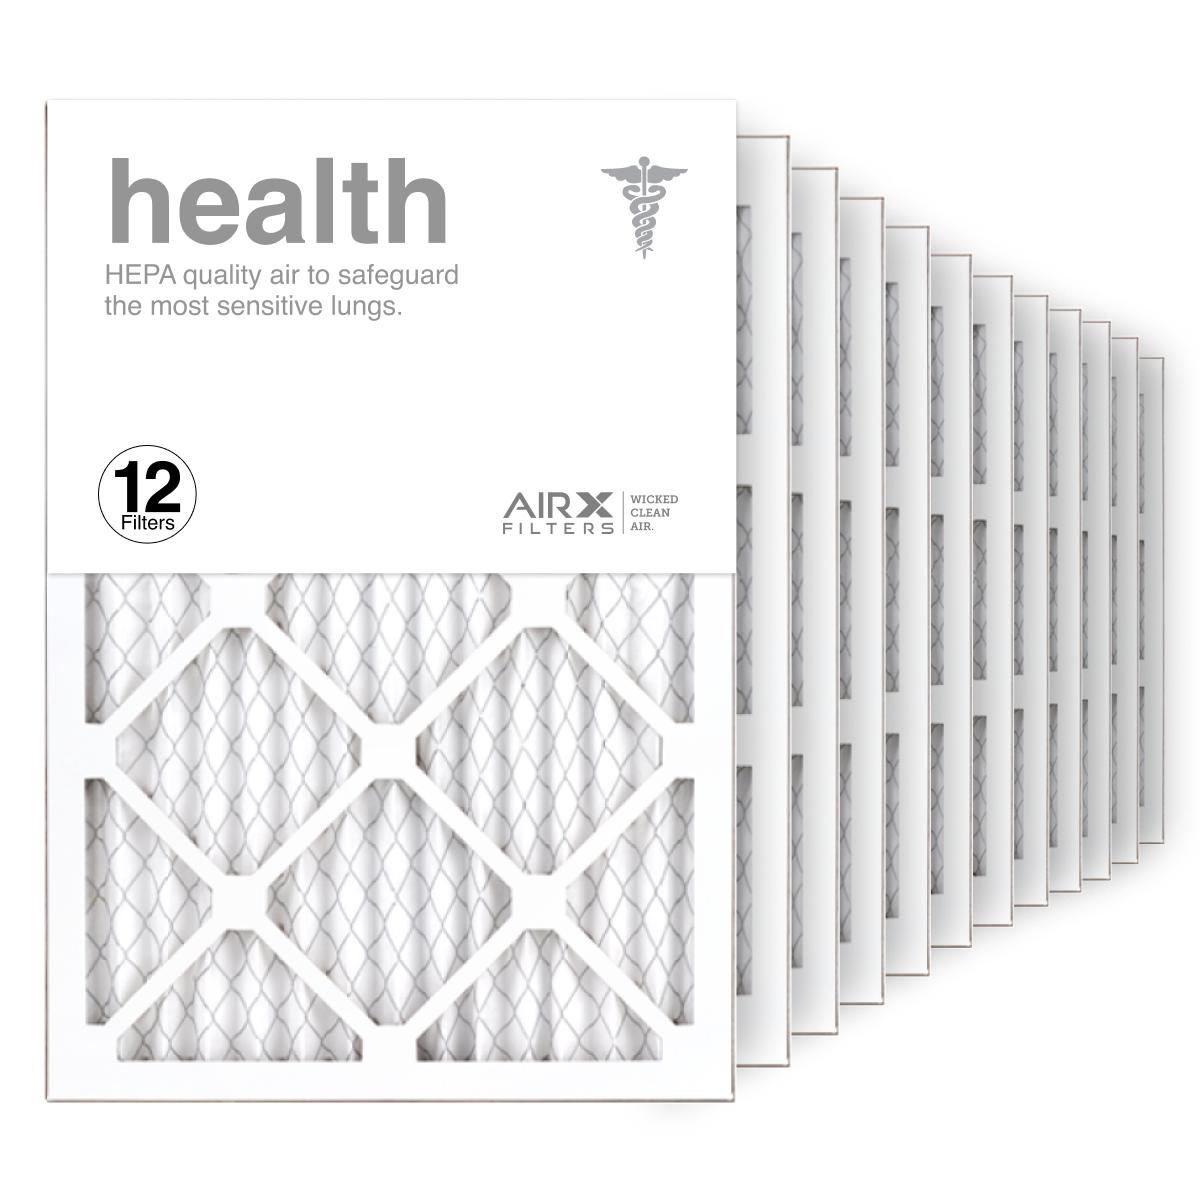 14x20x1 AIRx HEALTH Air Filter, 12-Pack